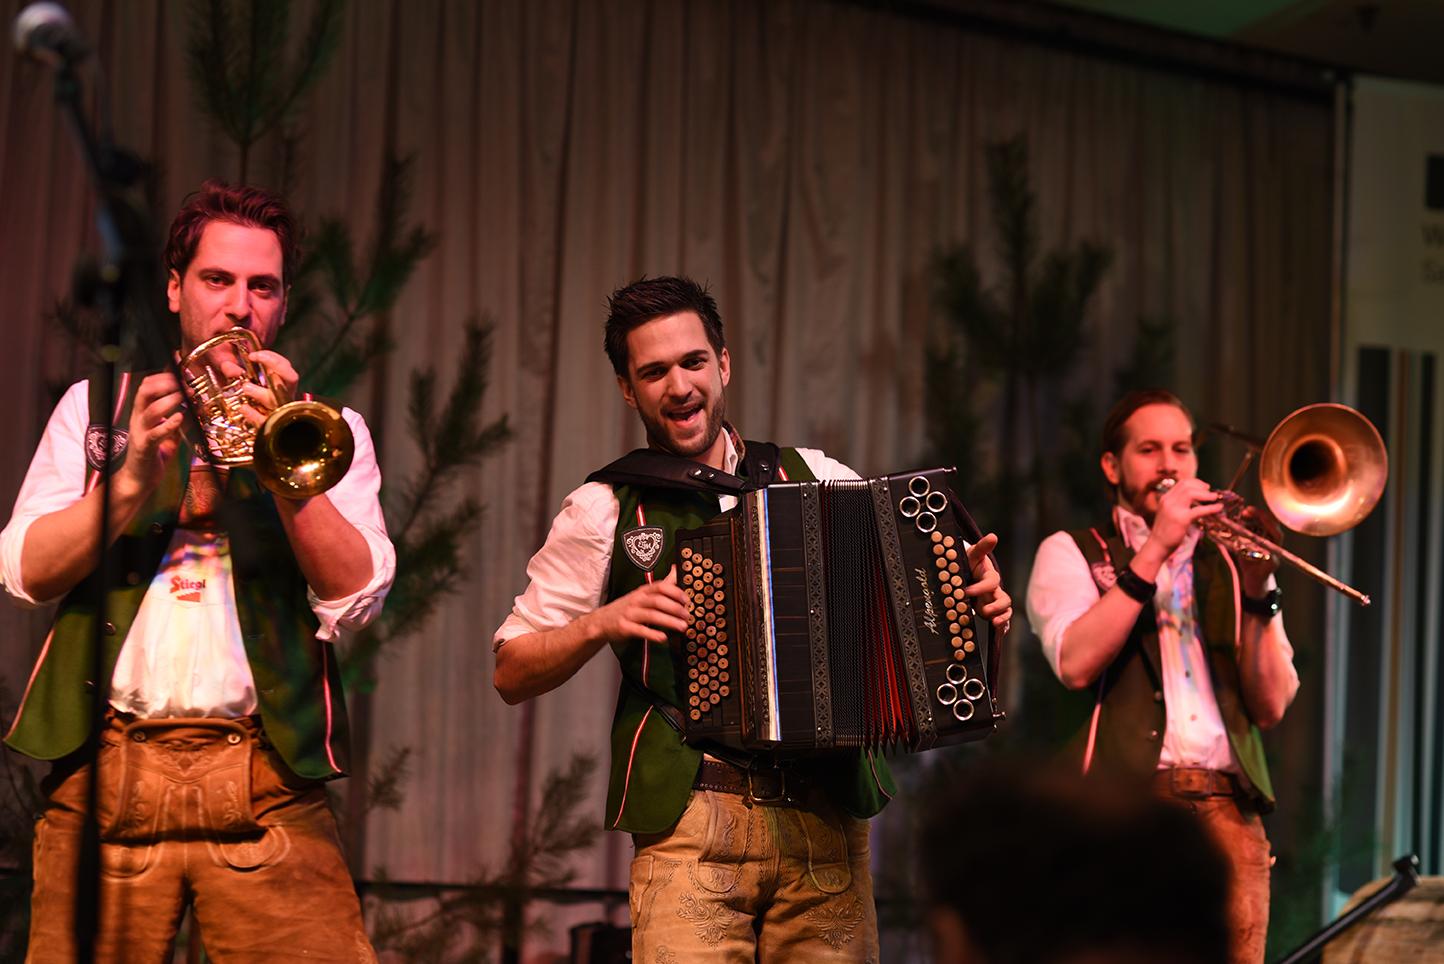 Empfang der Waldeigentümer: Unterschiedliche Bands sorgen für musikalische Unterhaltung